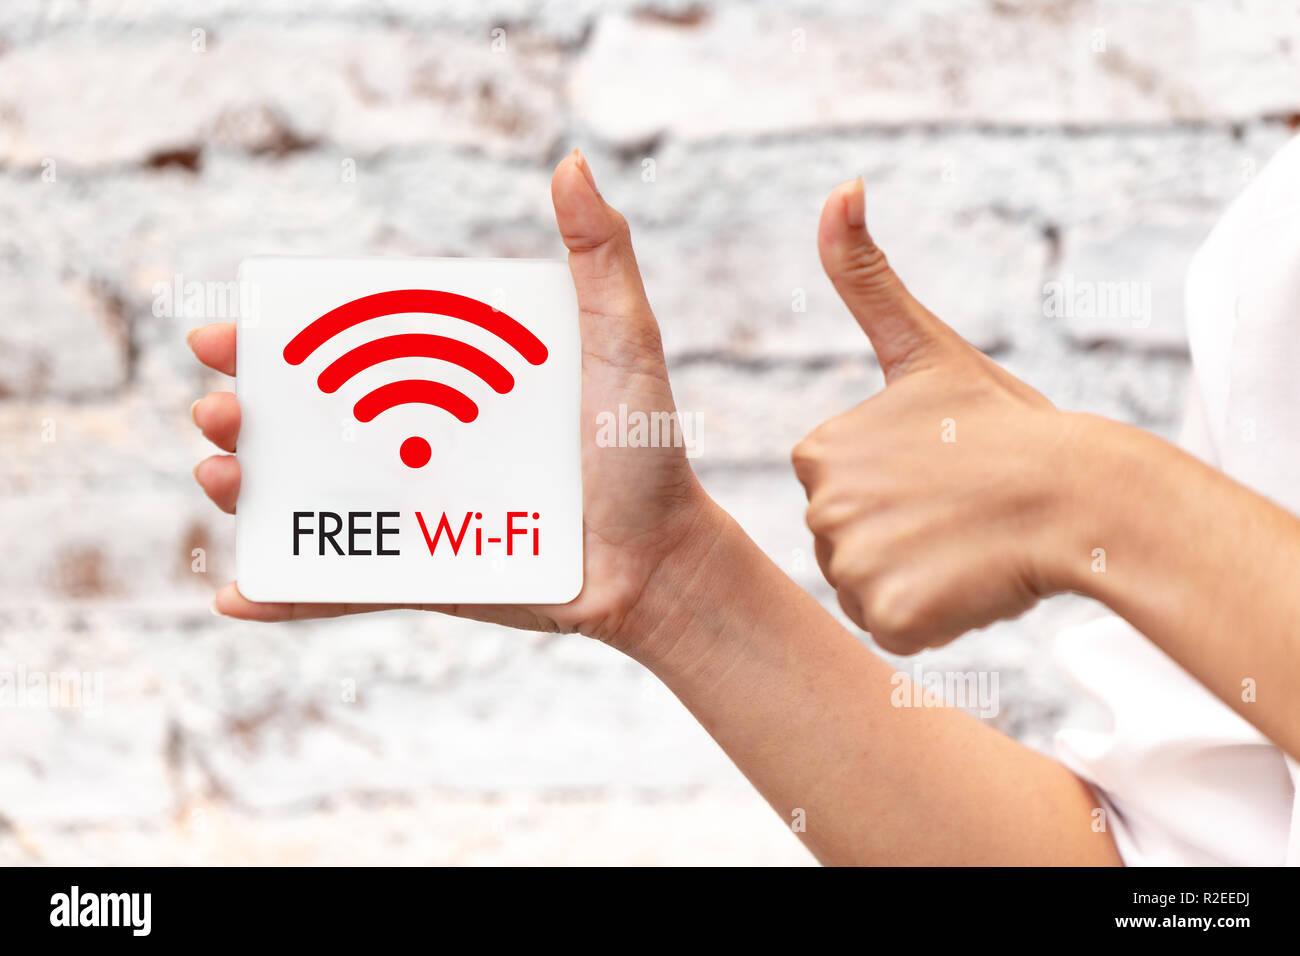 Gute kostenloses